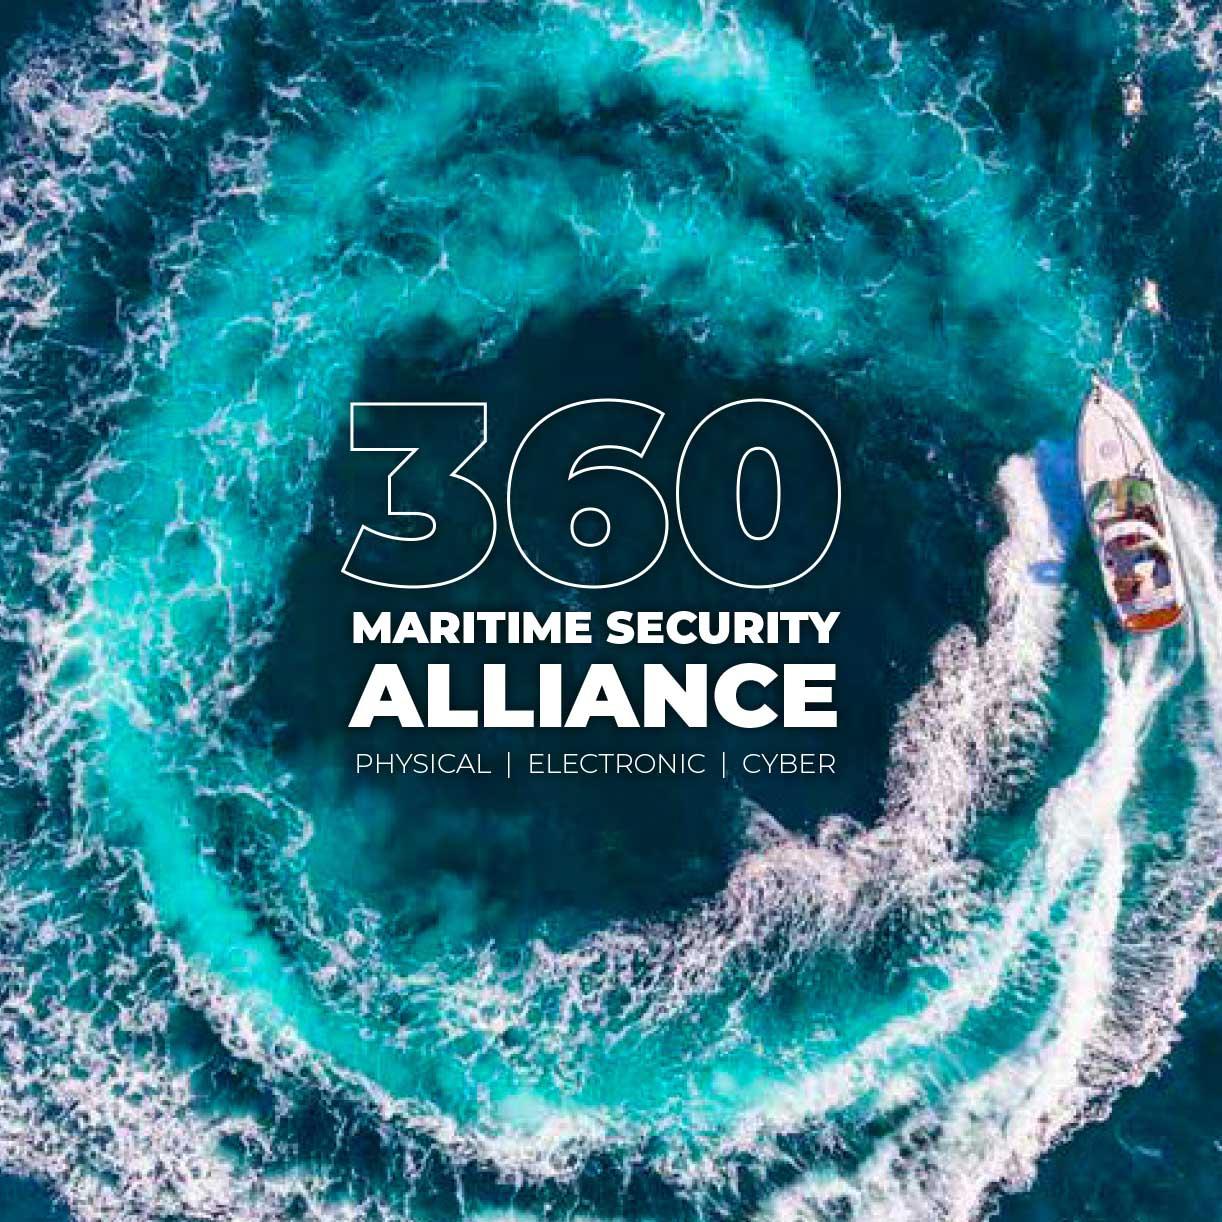 360 maritime security alliance